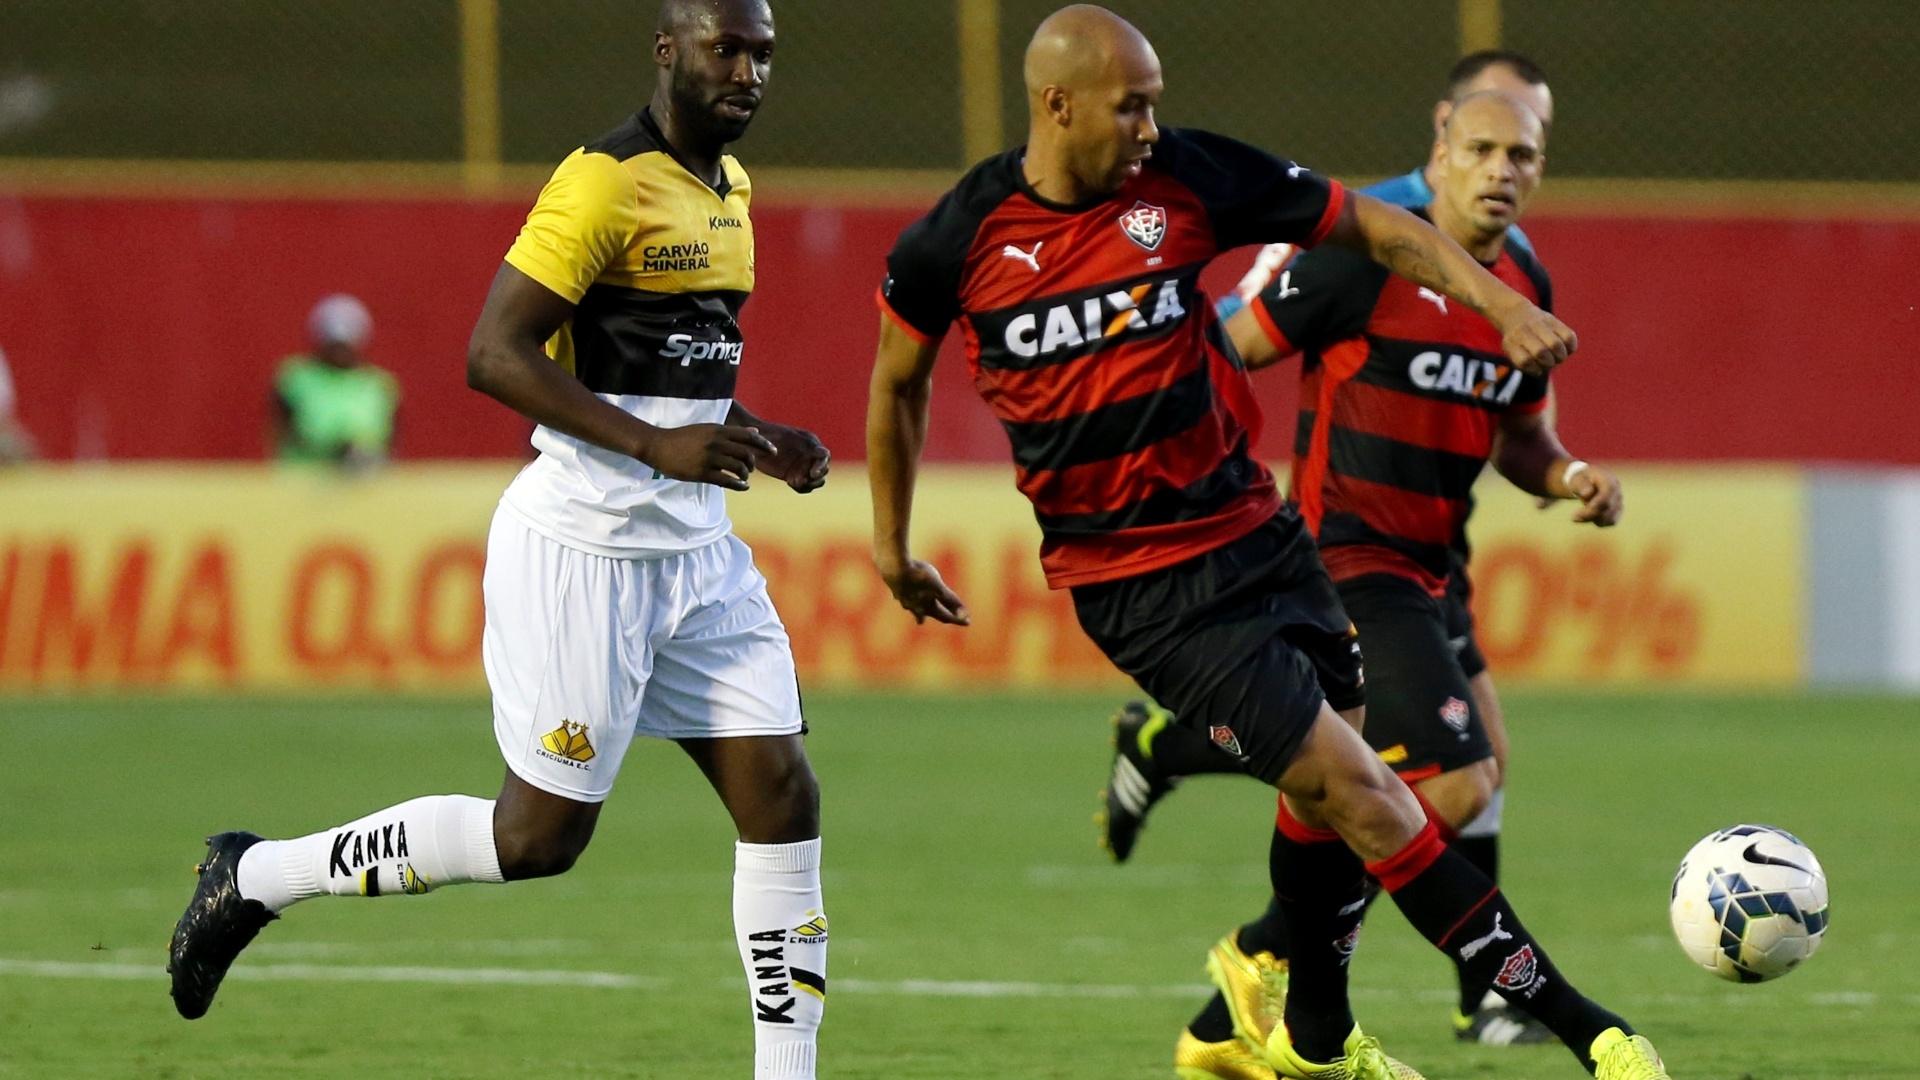 Atacante Dinei, do Vitória, passa a bola durante jogo contra o Criciúma